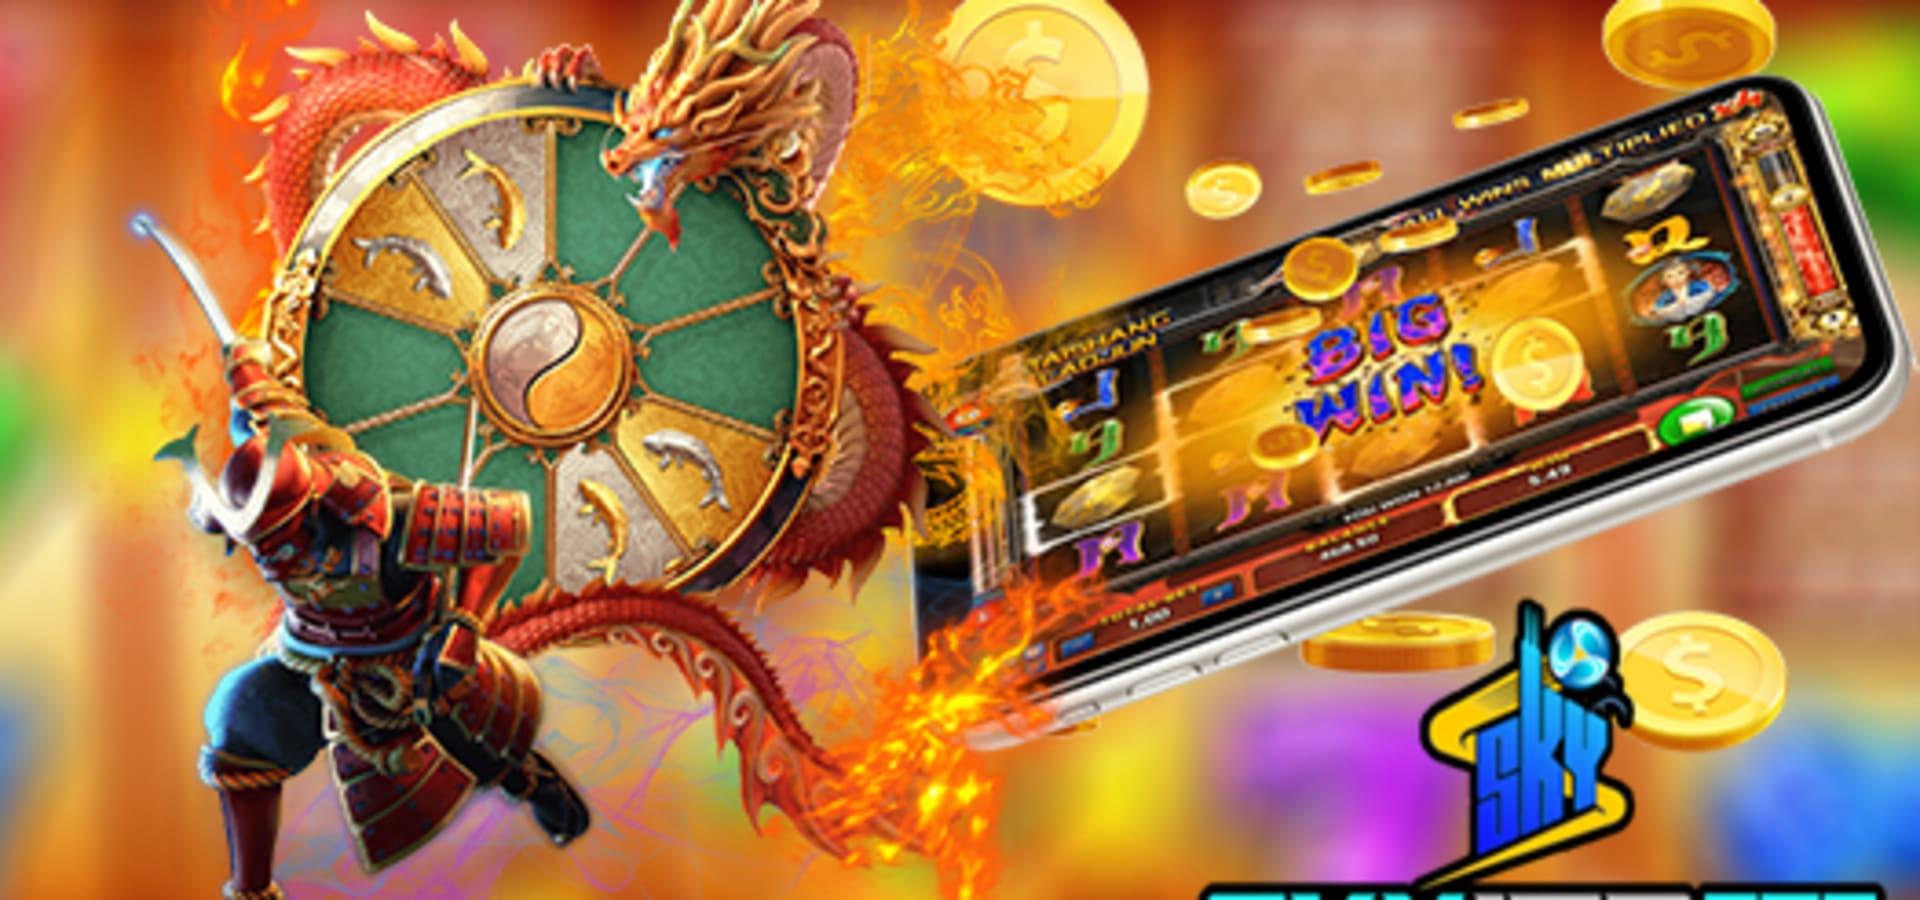 Mainkan Game Slot Online dengan Cepat Dengan Situs Web Anda